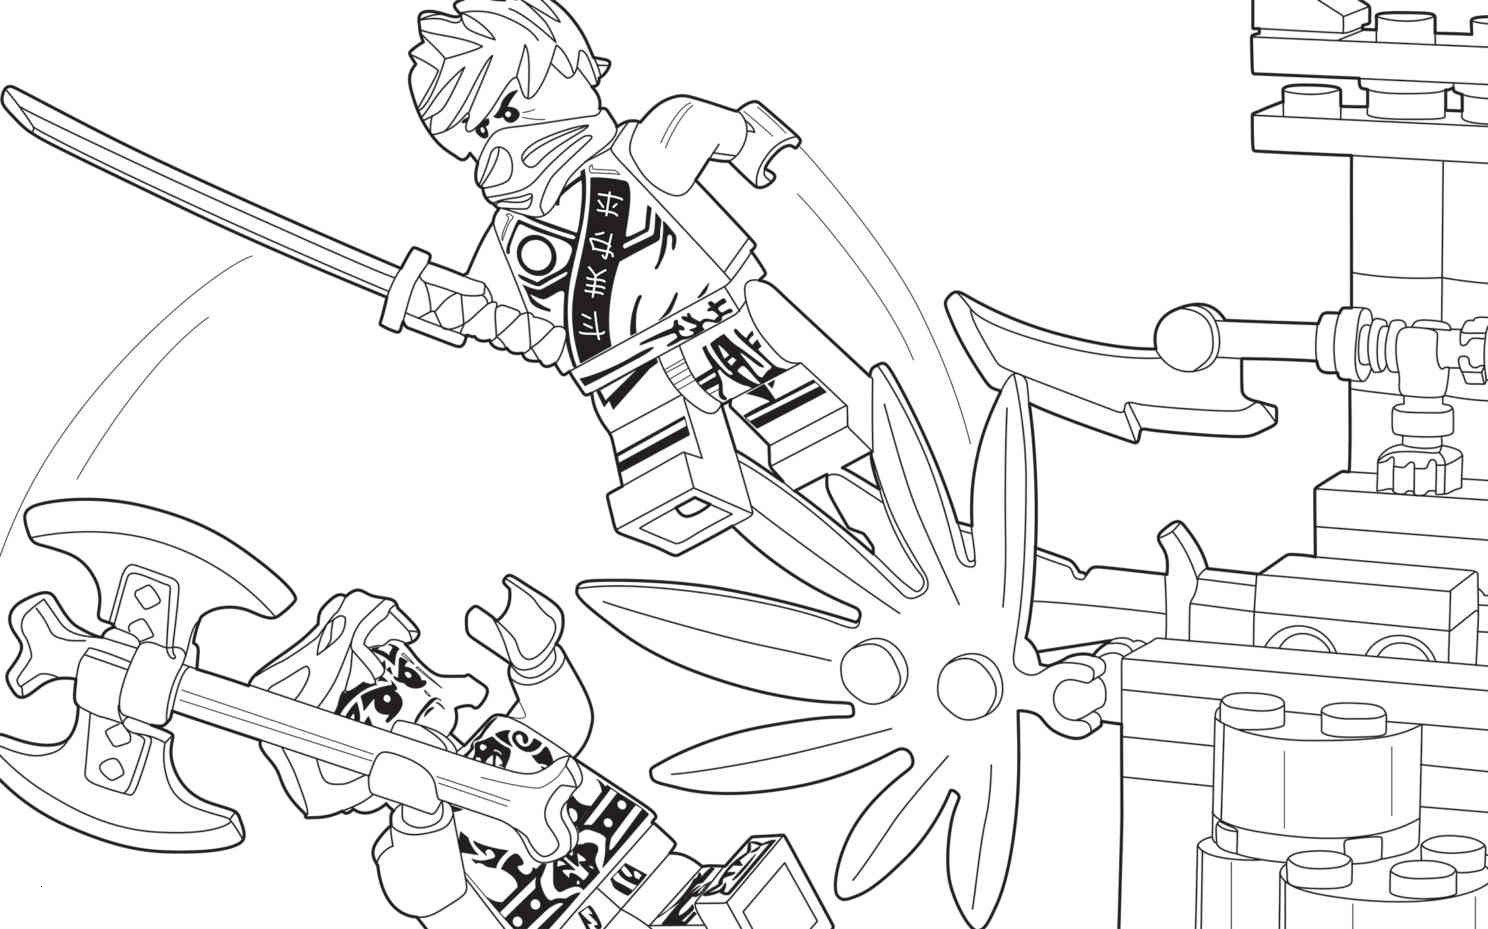 99 Inspirierend Ausmalbilder Ninjago Zum Ausdrucken Bild Ausmalbilder Lego Friends Ausmalbilder Malvorlage Einhorn